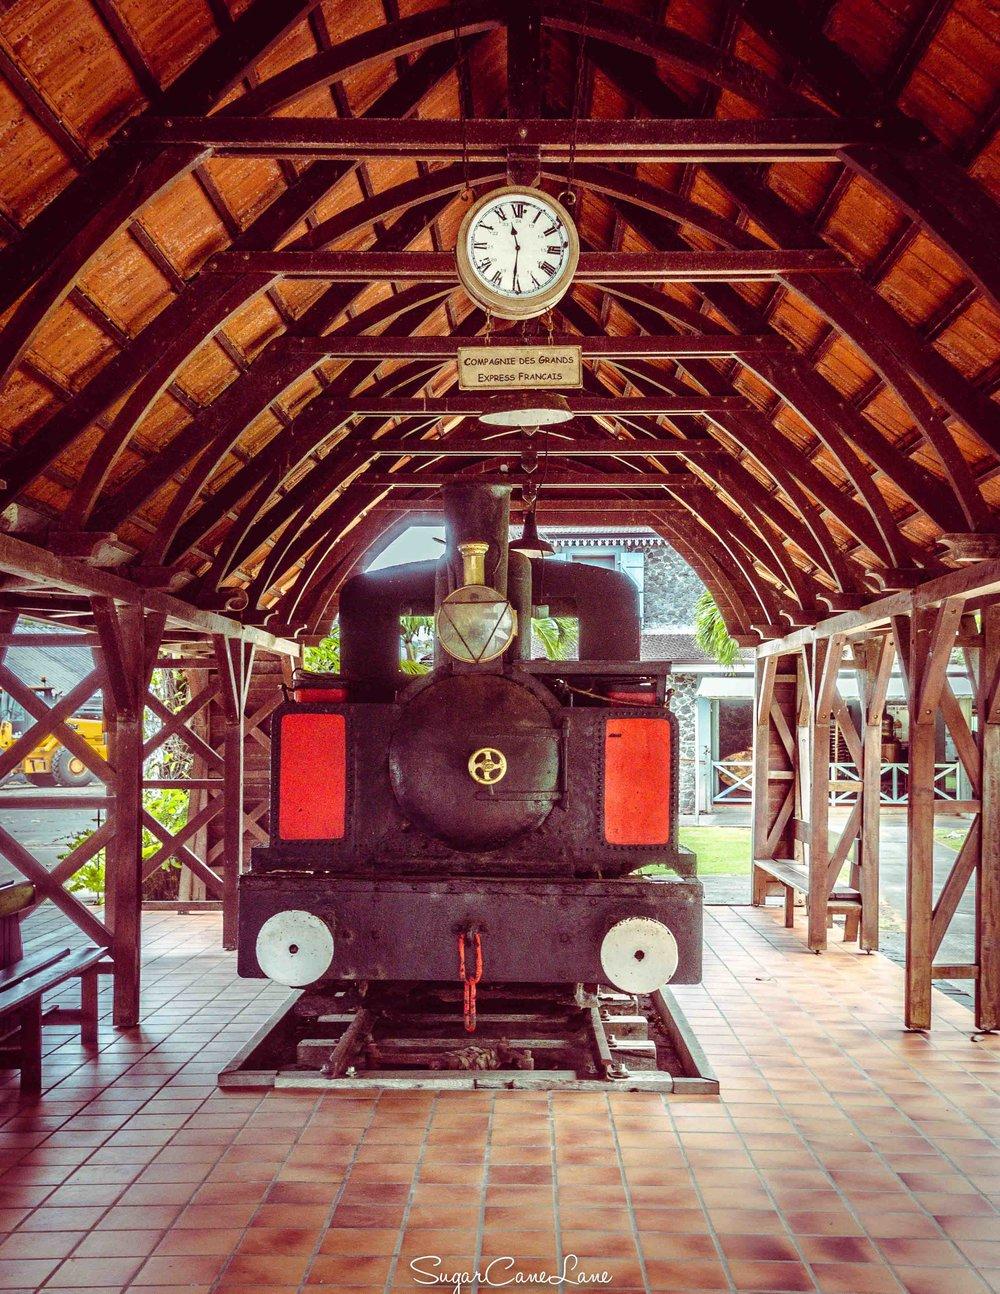 martinique, distillerie saint-james : train des plantations